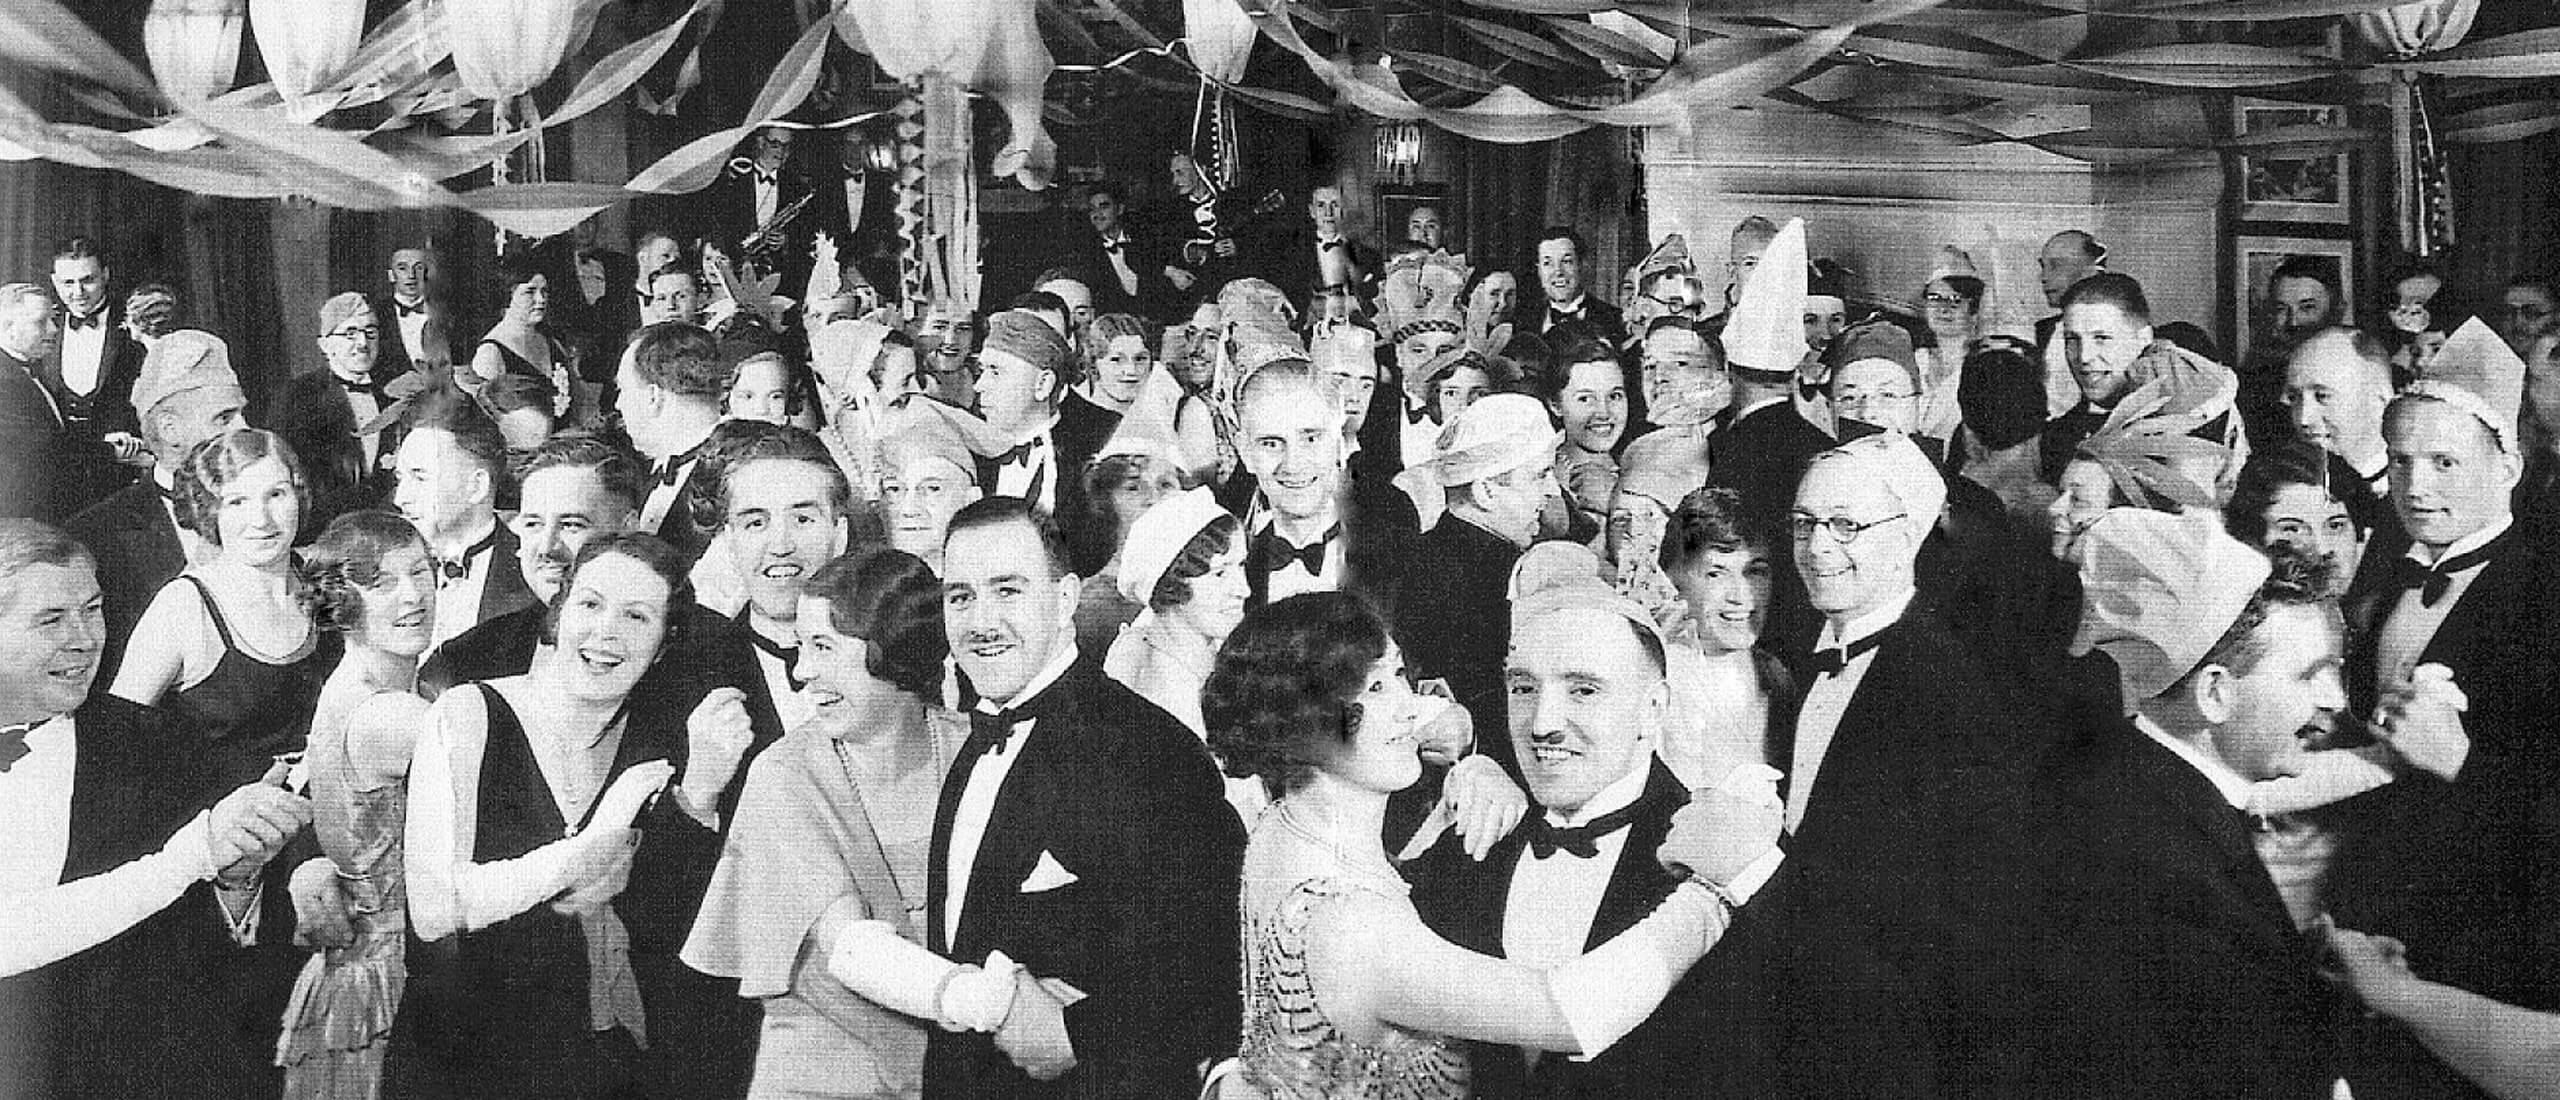 1938 – The Annual Winter Dance